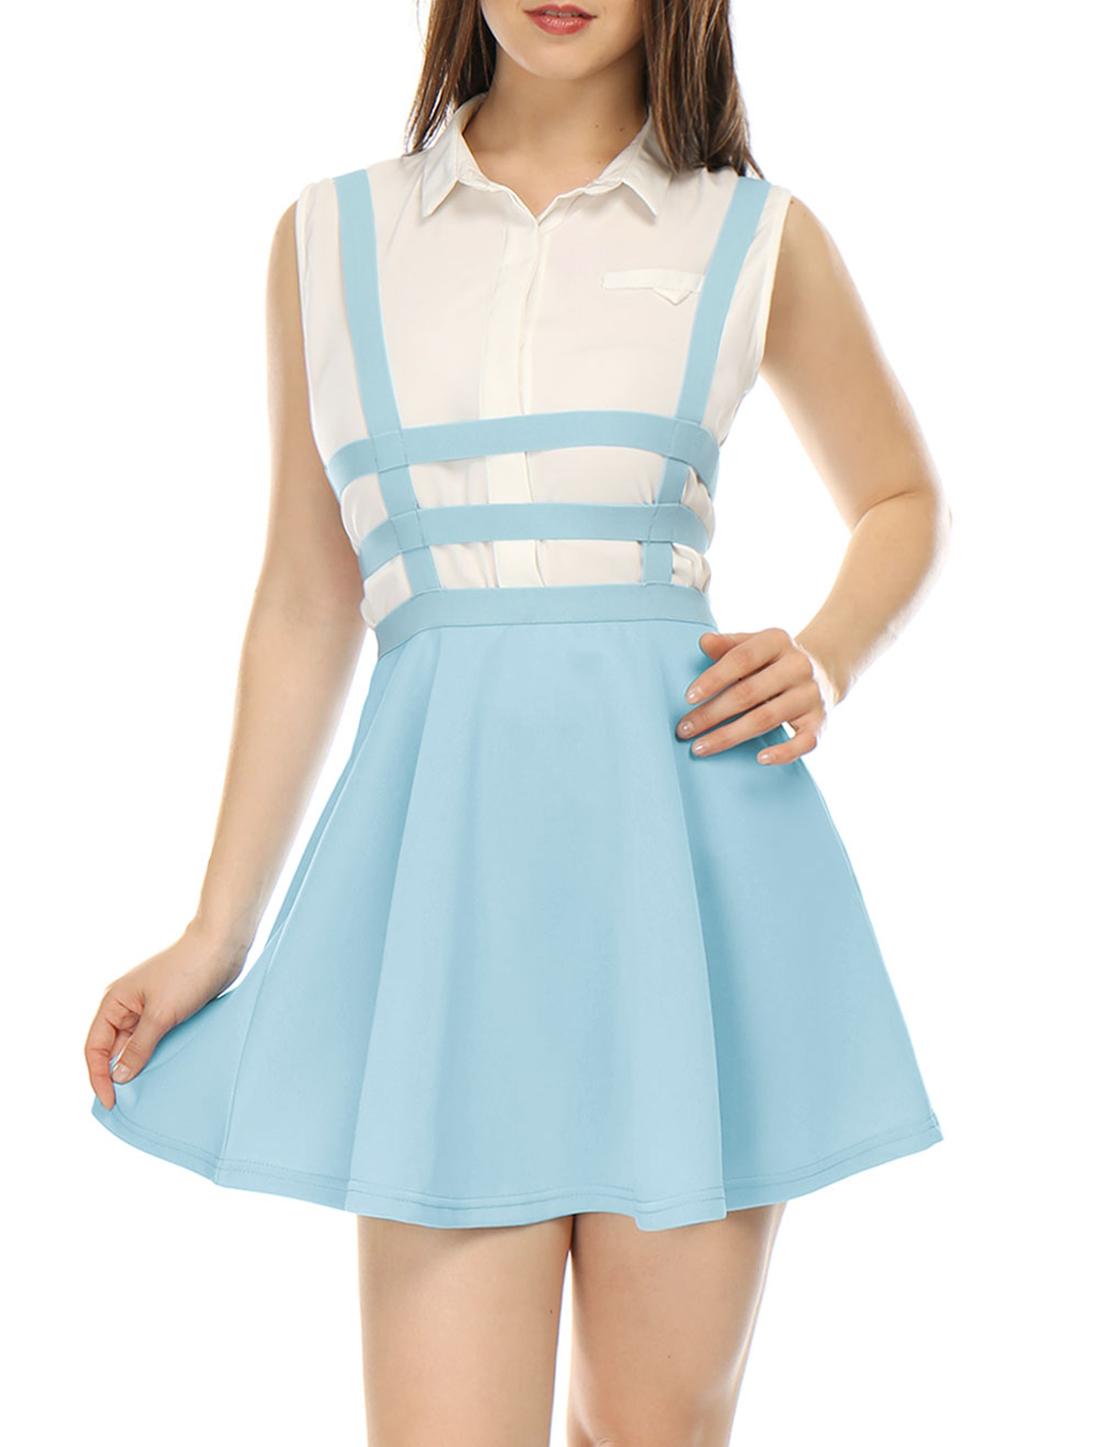 Women Elastic Waist Cut Out A Line Suspender Skirt Light Blue L